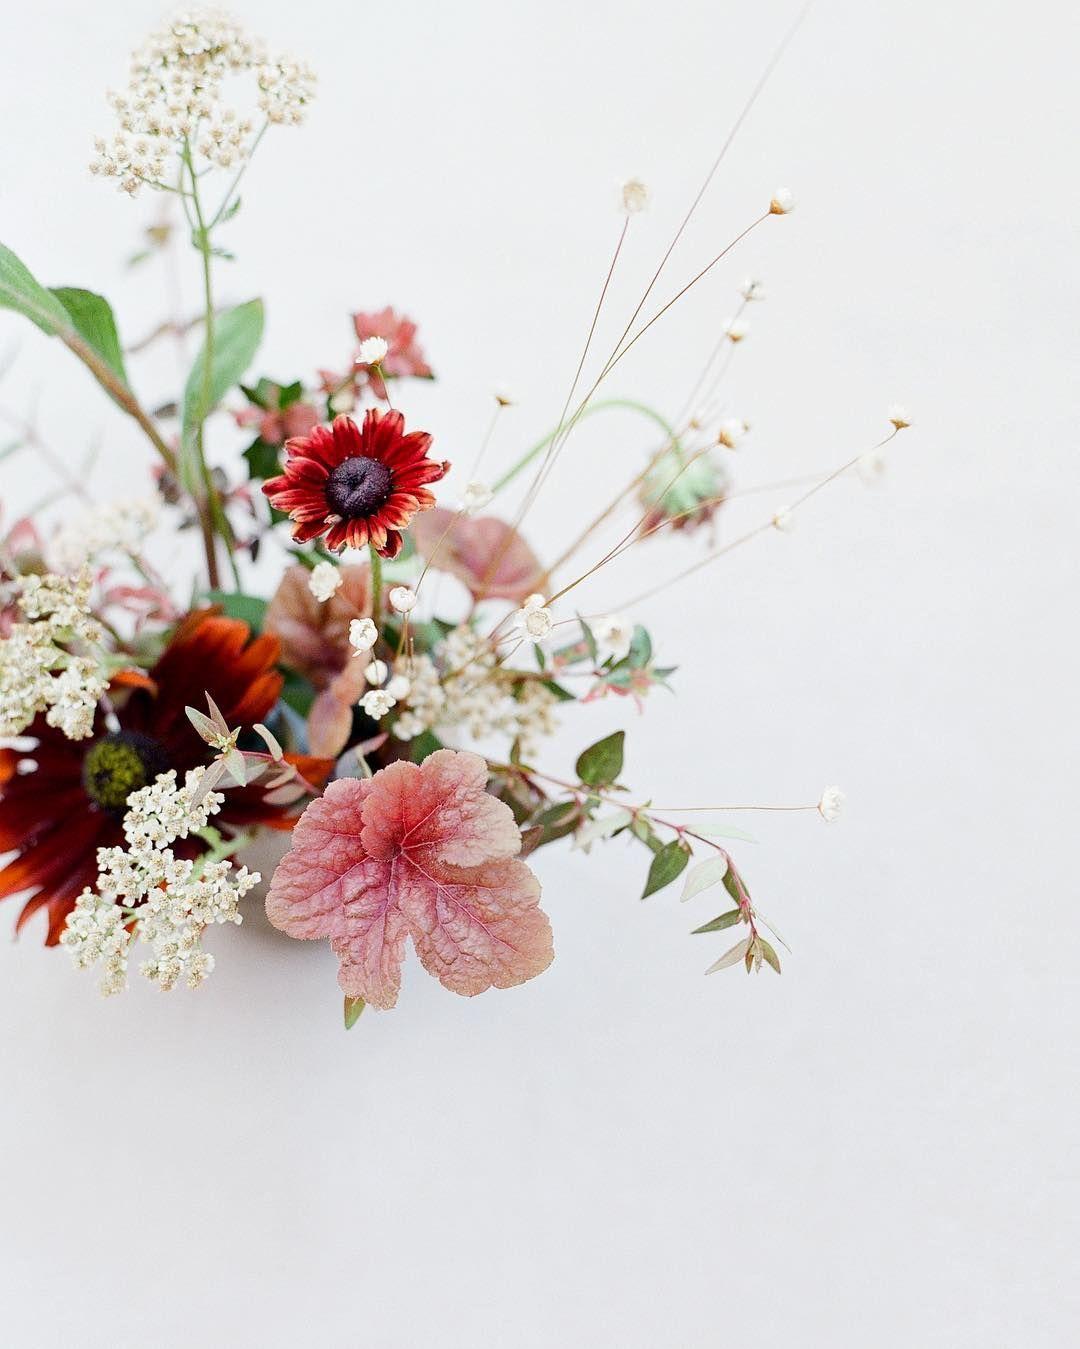 Flowers, Cut Flower